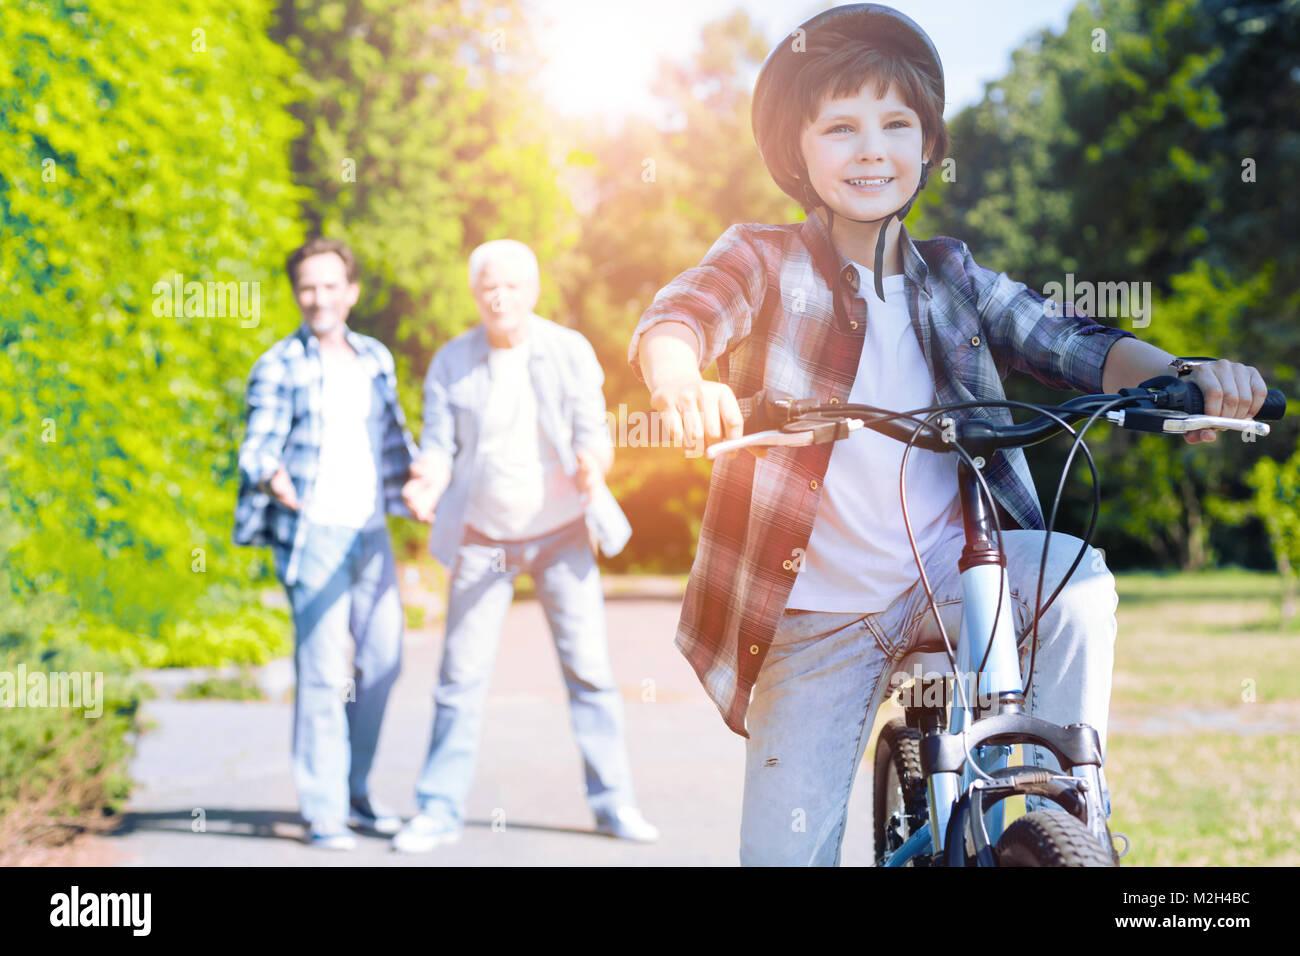 Emozionato kid imparare a guidare la bicicletta all'aperto Immagini Stock